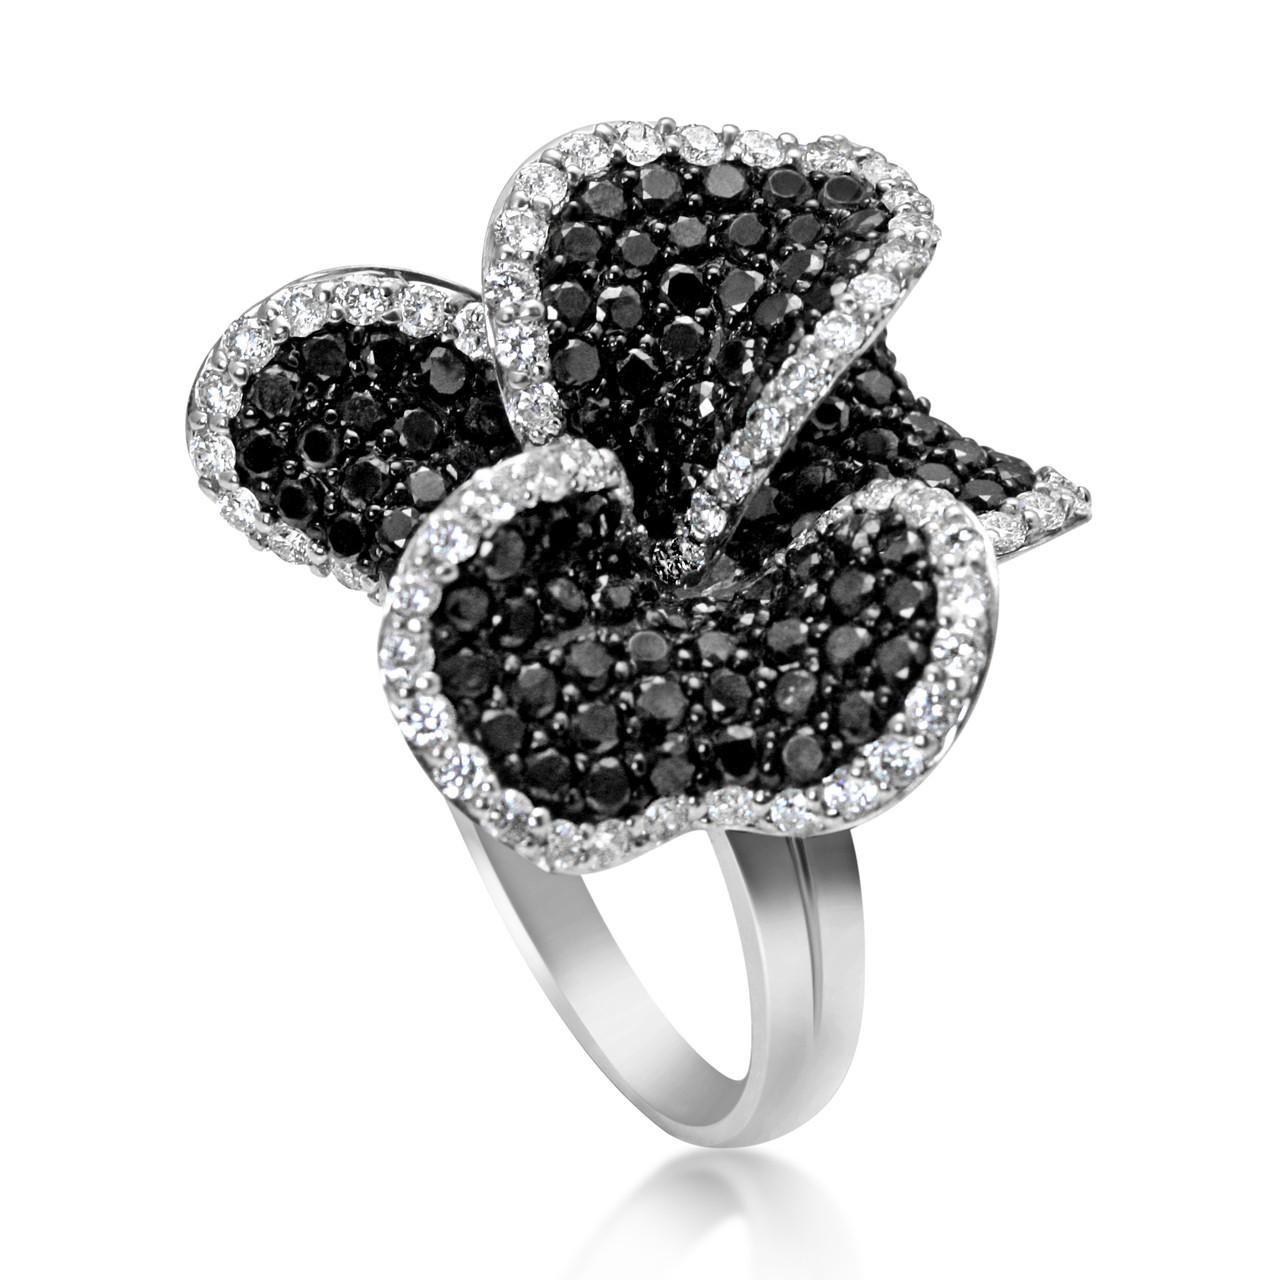 Black Flower Bow With Diamond: 18k White Gold 5.3ct Black Diamond Flower Ring